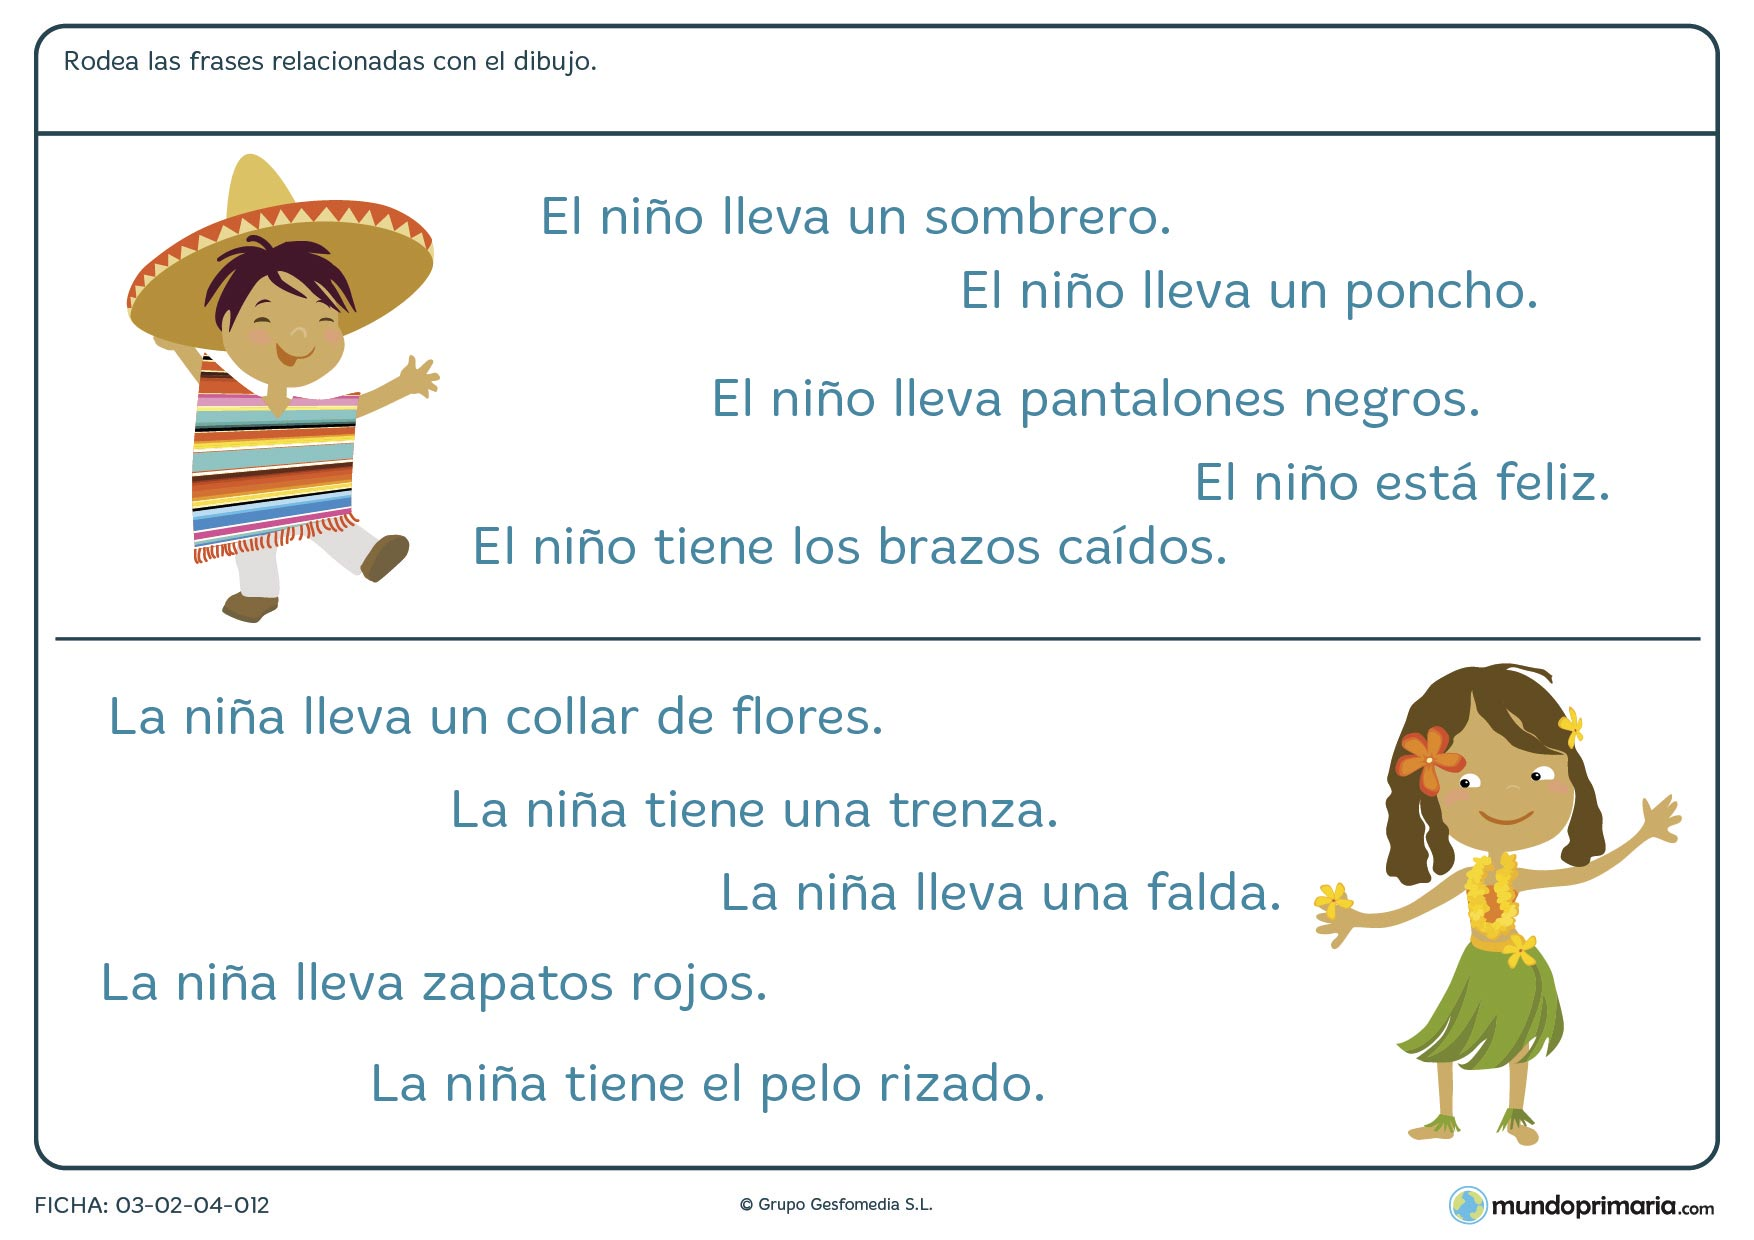 Ficha de rodear la frase que designa el dibujo para niños de primaria en la que debes identificar qué frase explica mejor el dibujo dado.